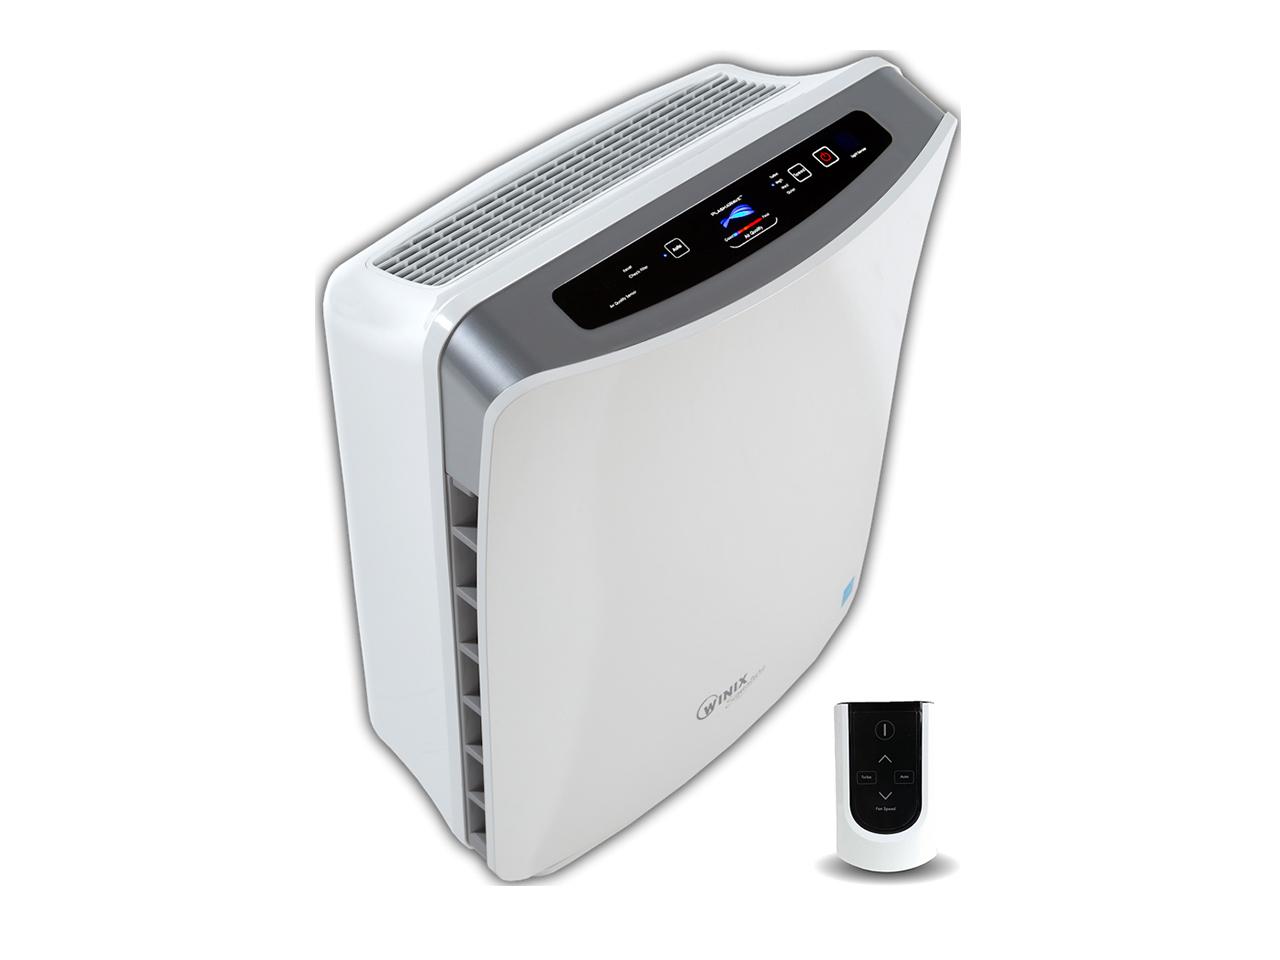 winix u450 air purifier - Winix Air Purifier